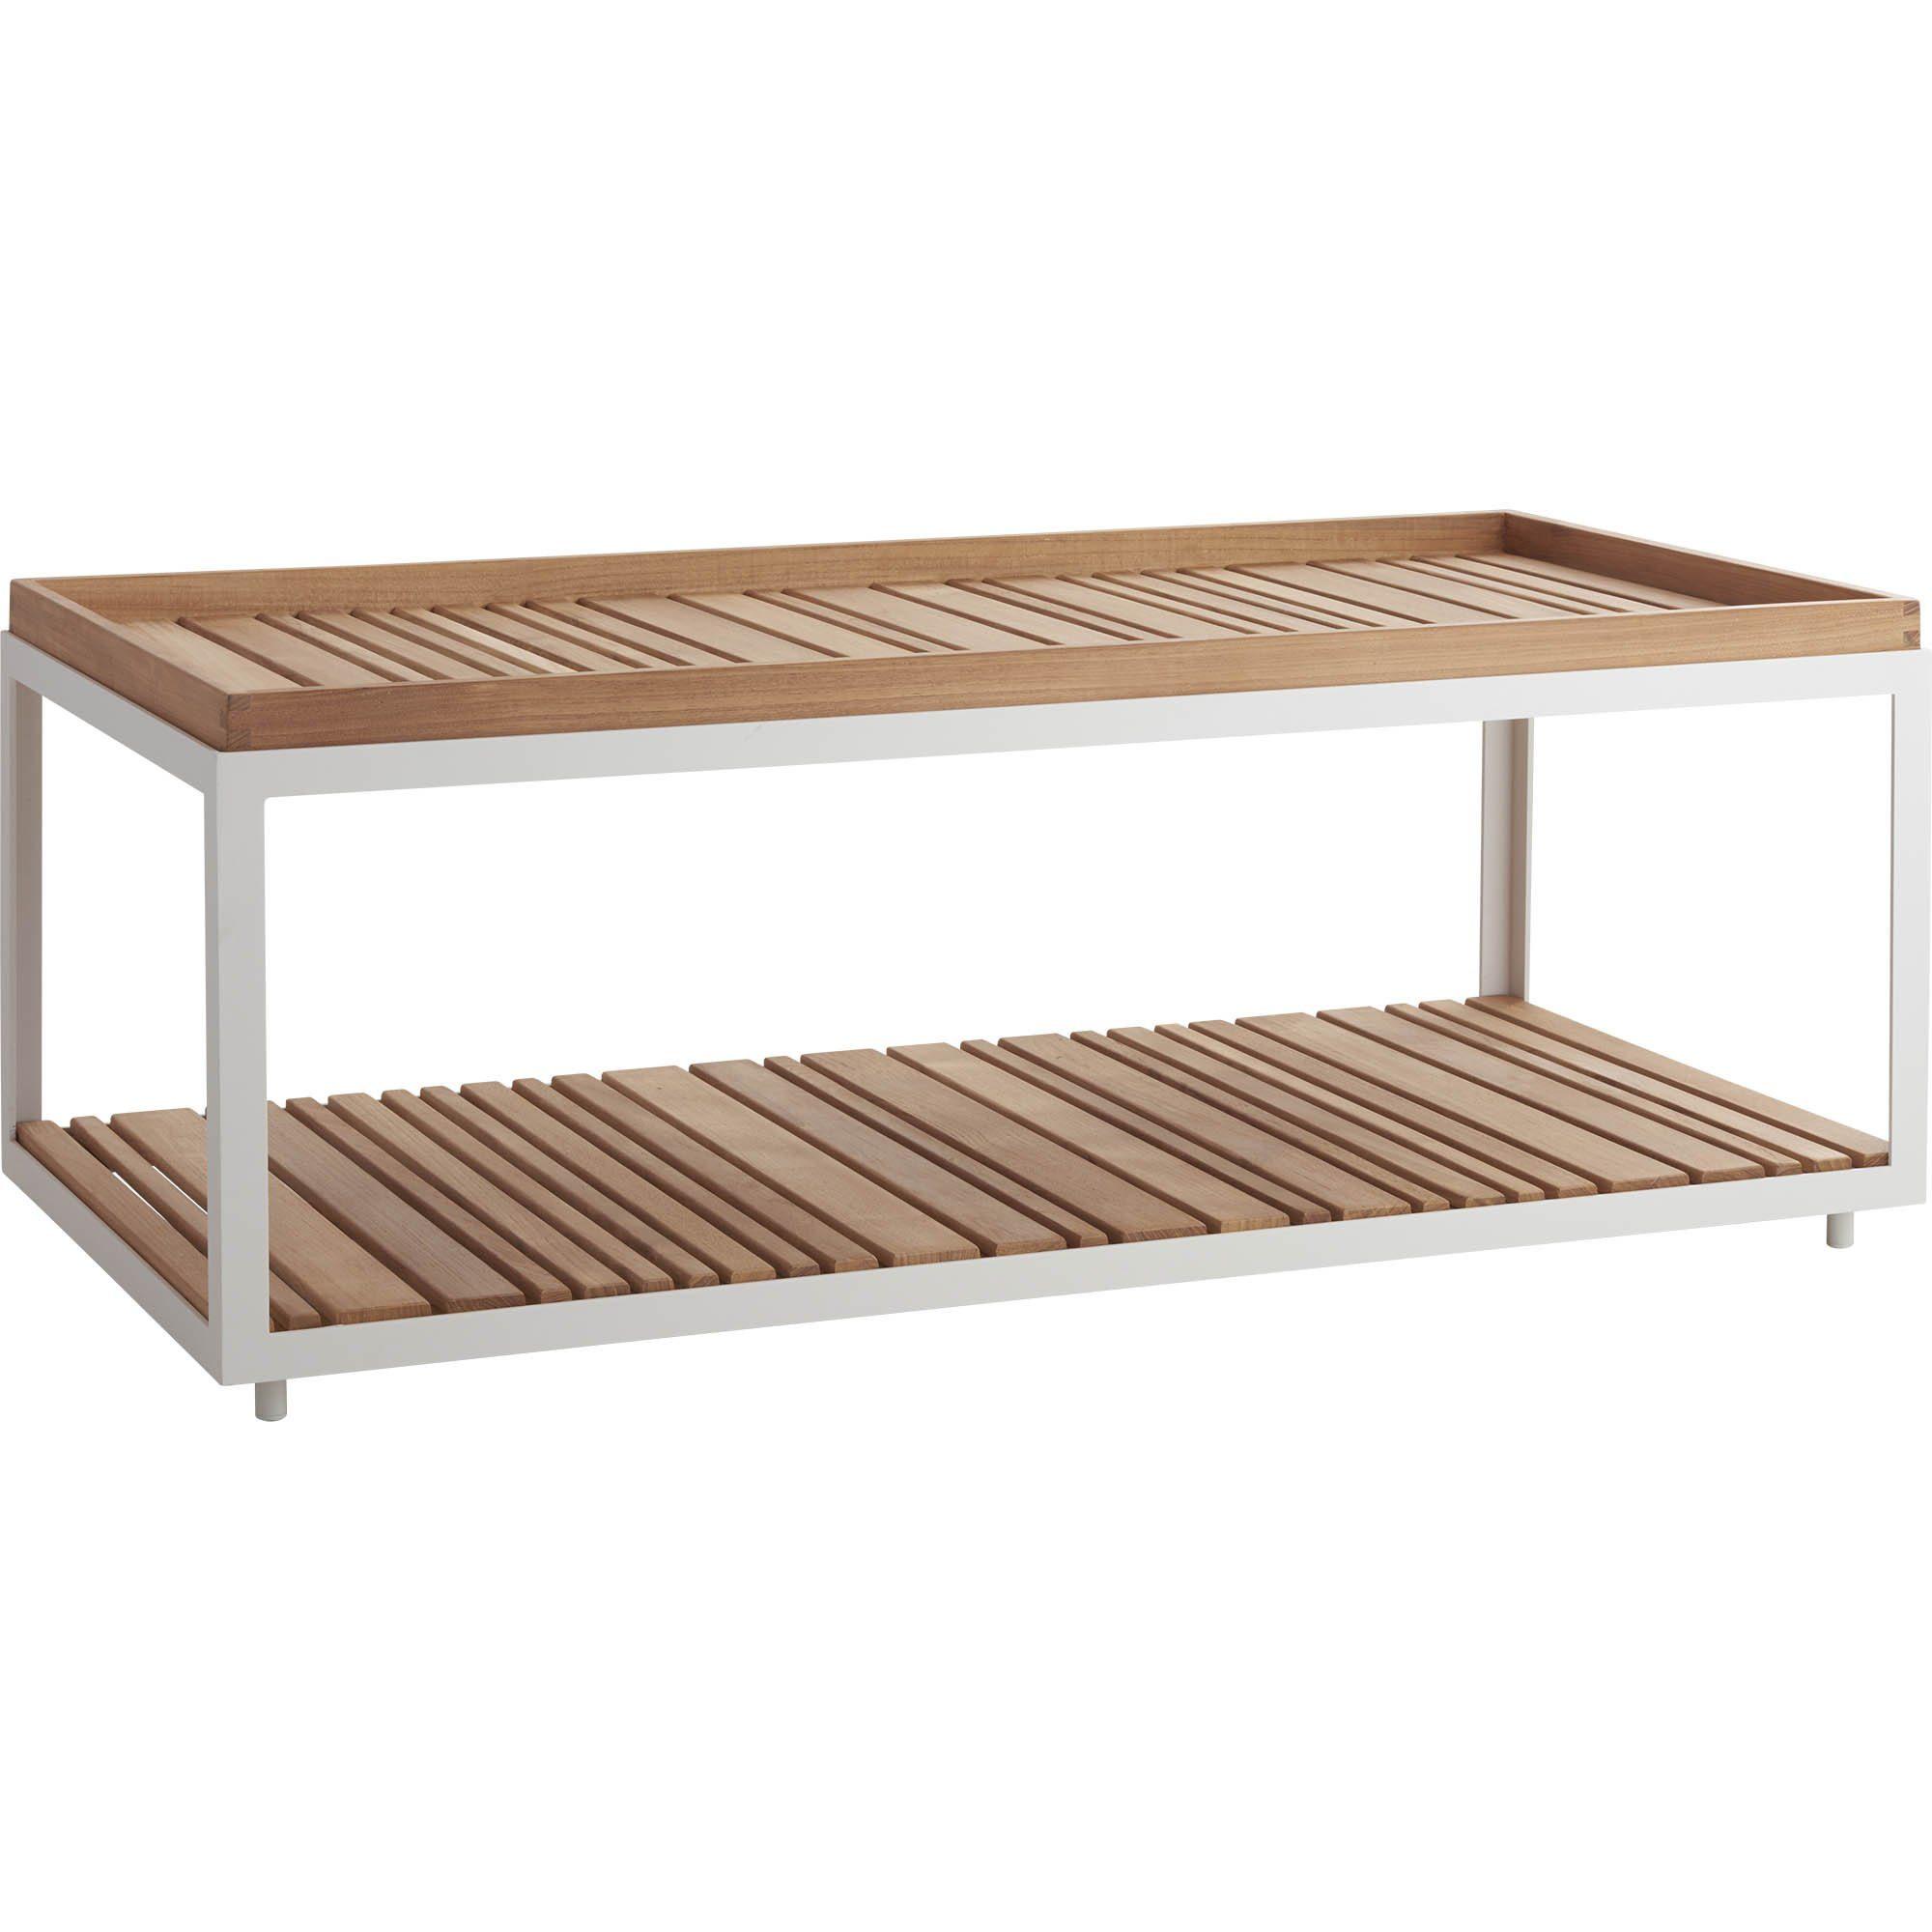 Level soffbord i vit aluminium och teak från Cane-Line.